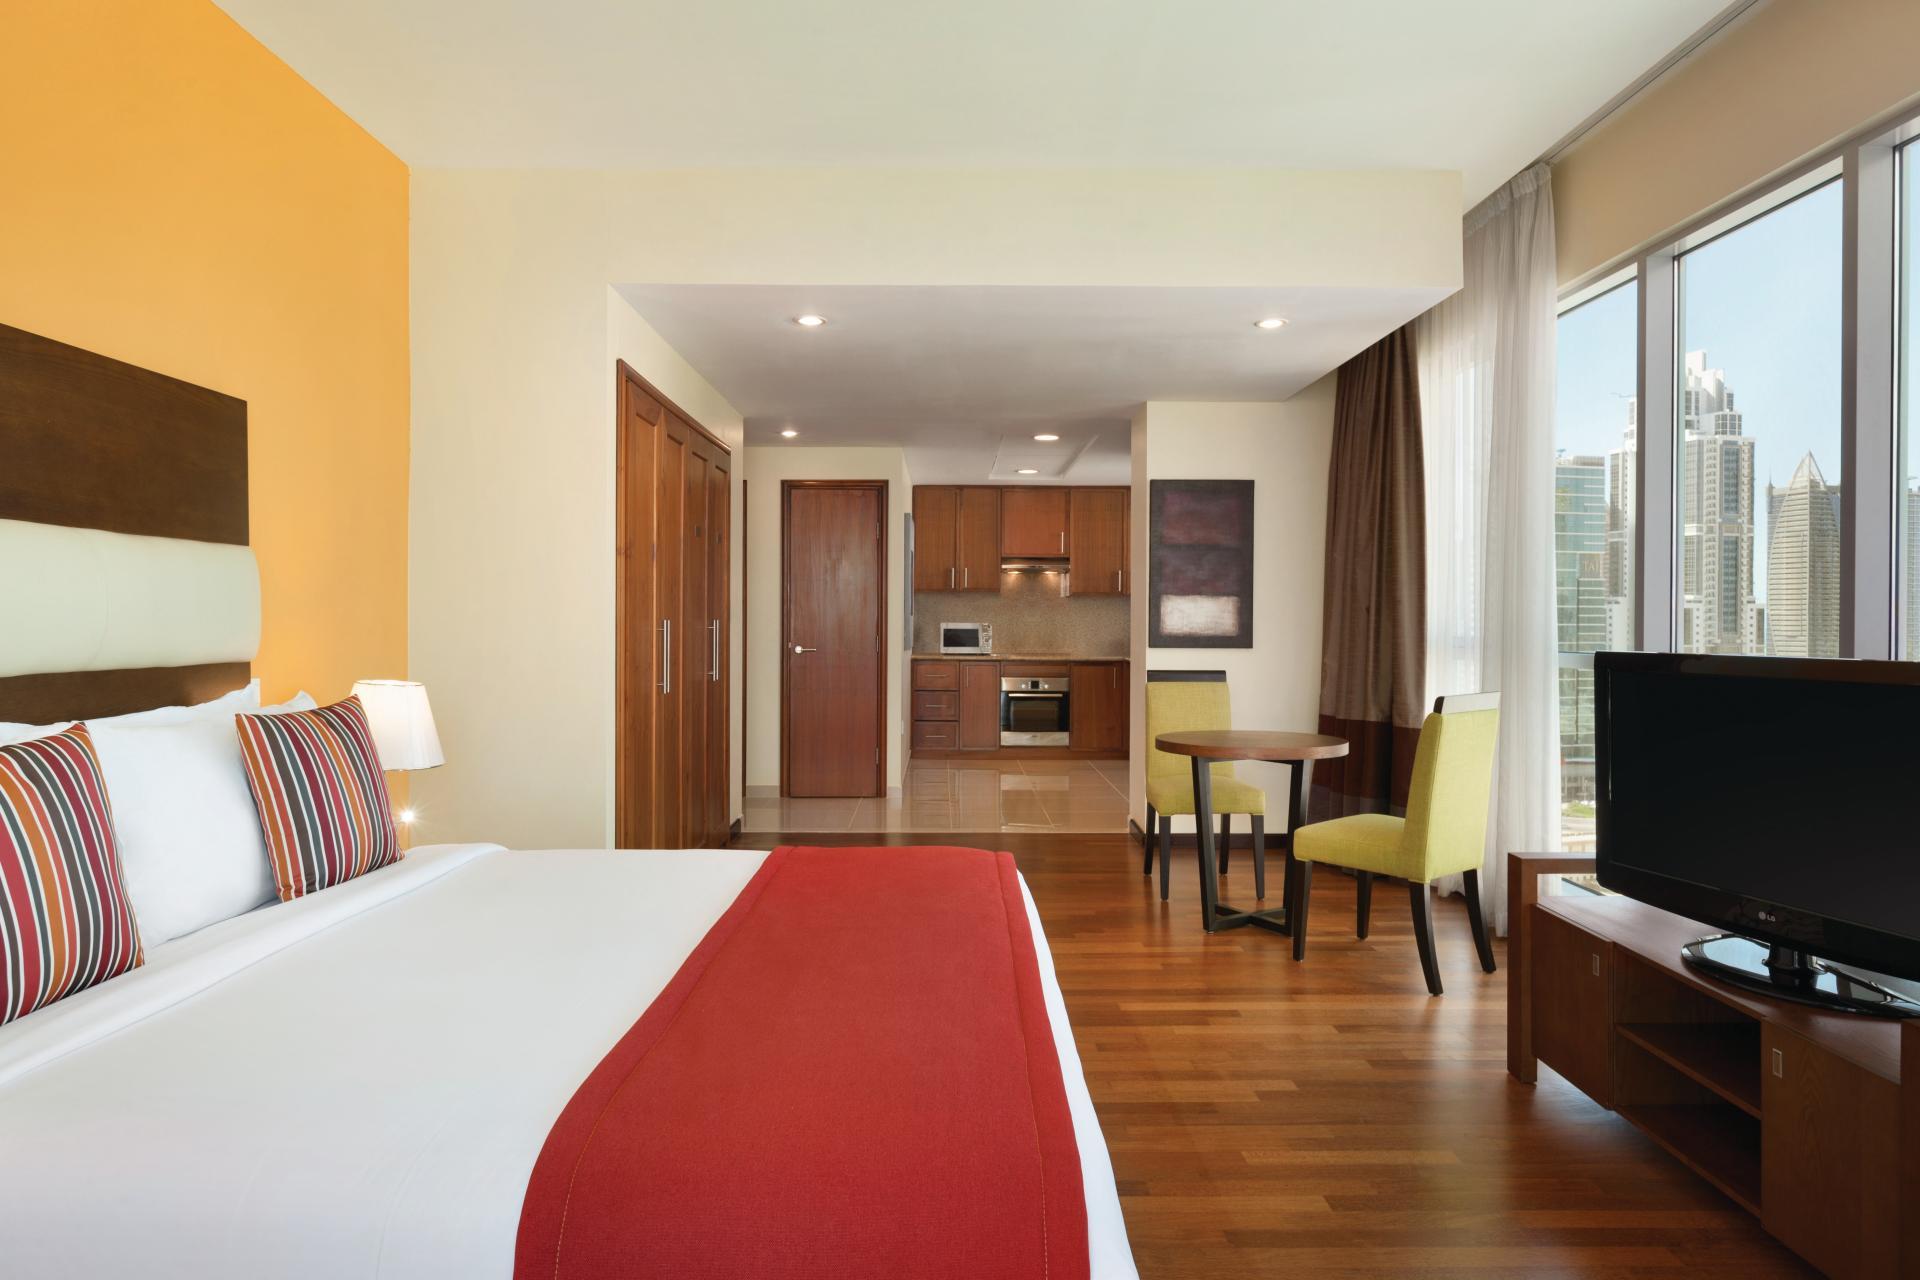 Bed Ramada at Downtown Dubai Apartments